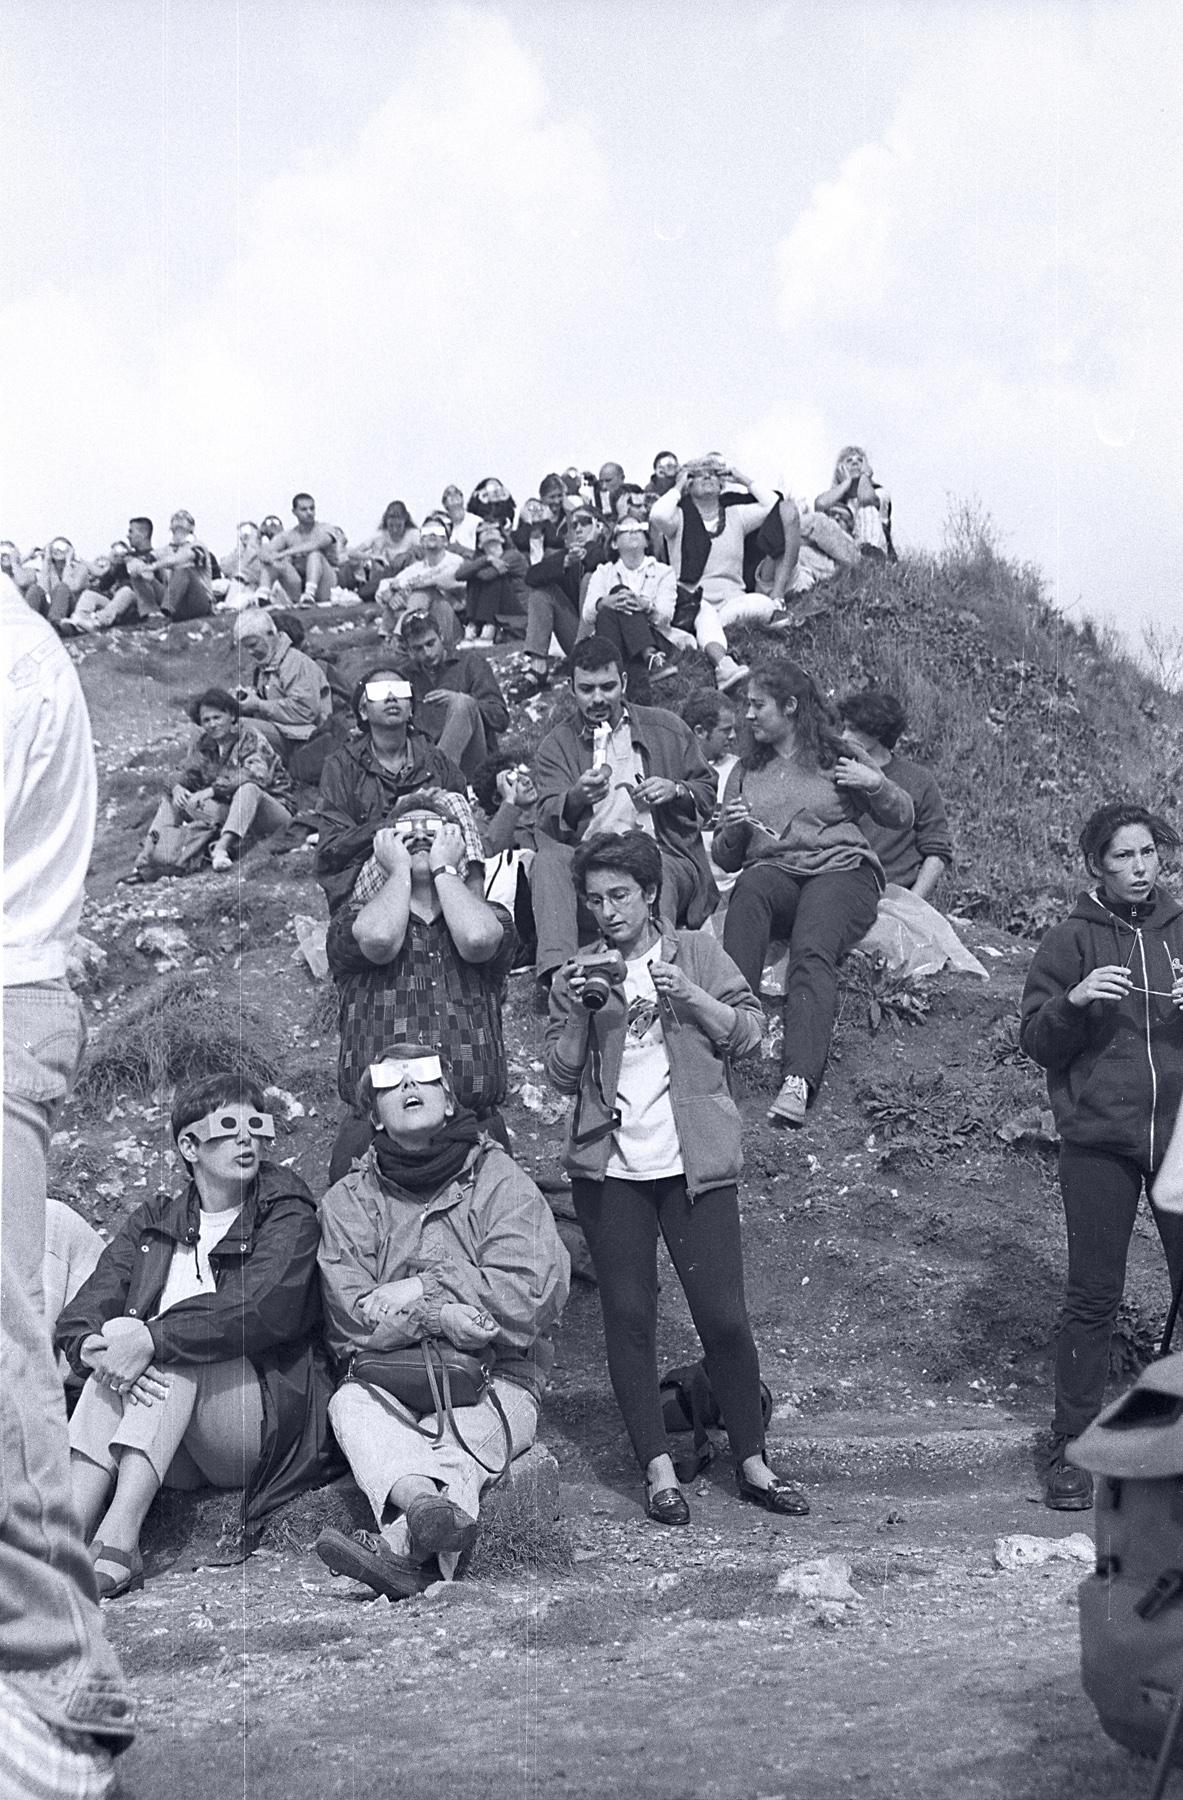 sonnenfisternis 1999, bretagne